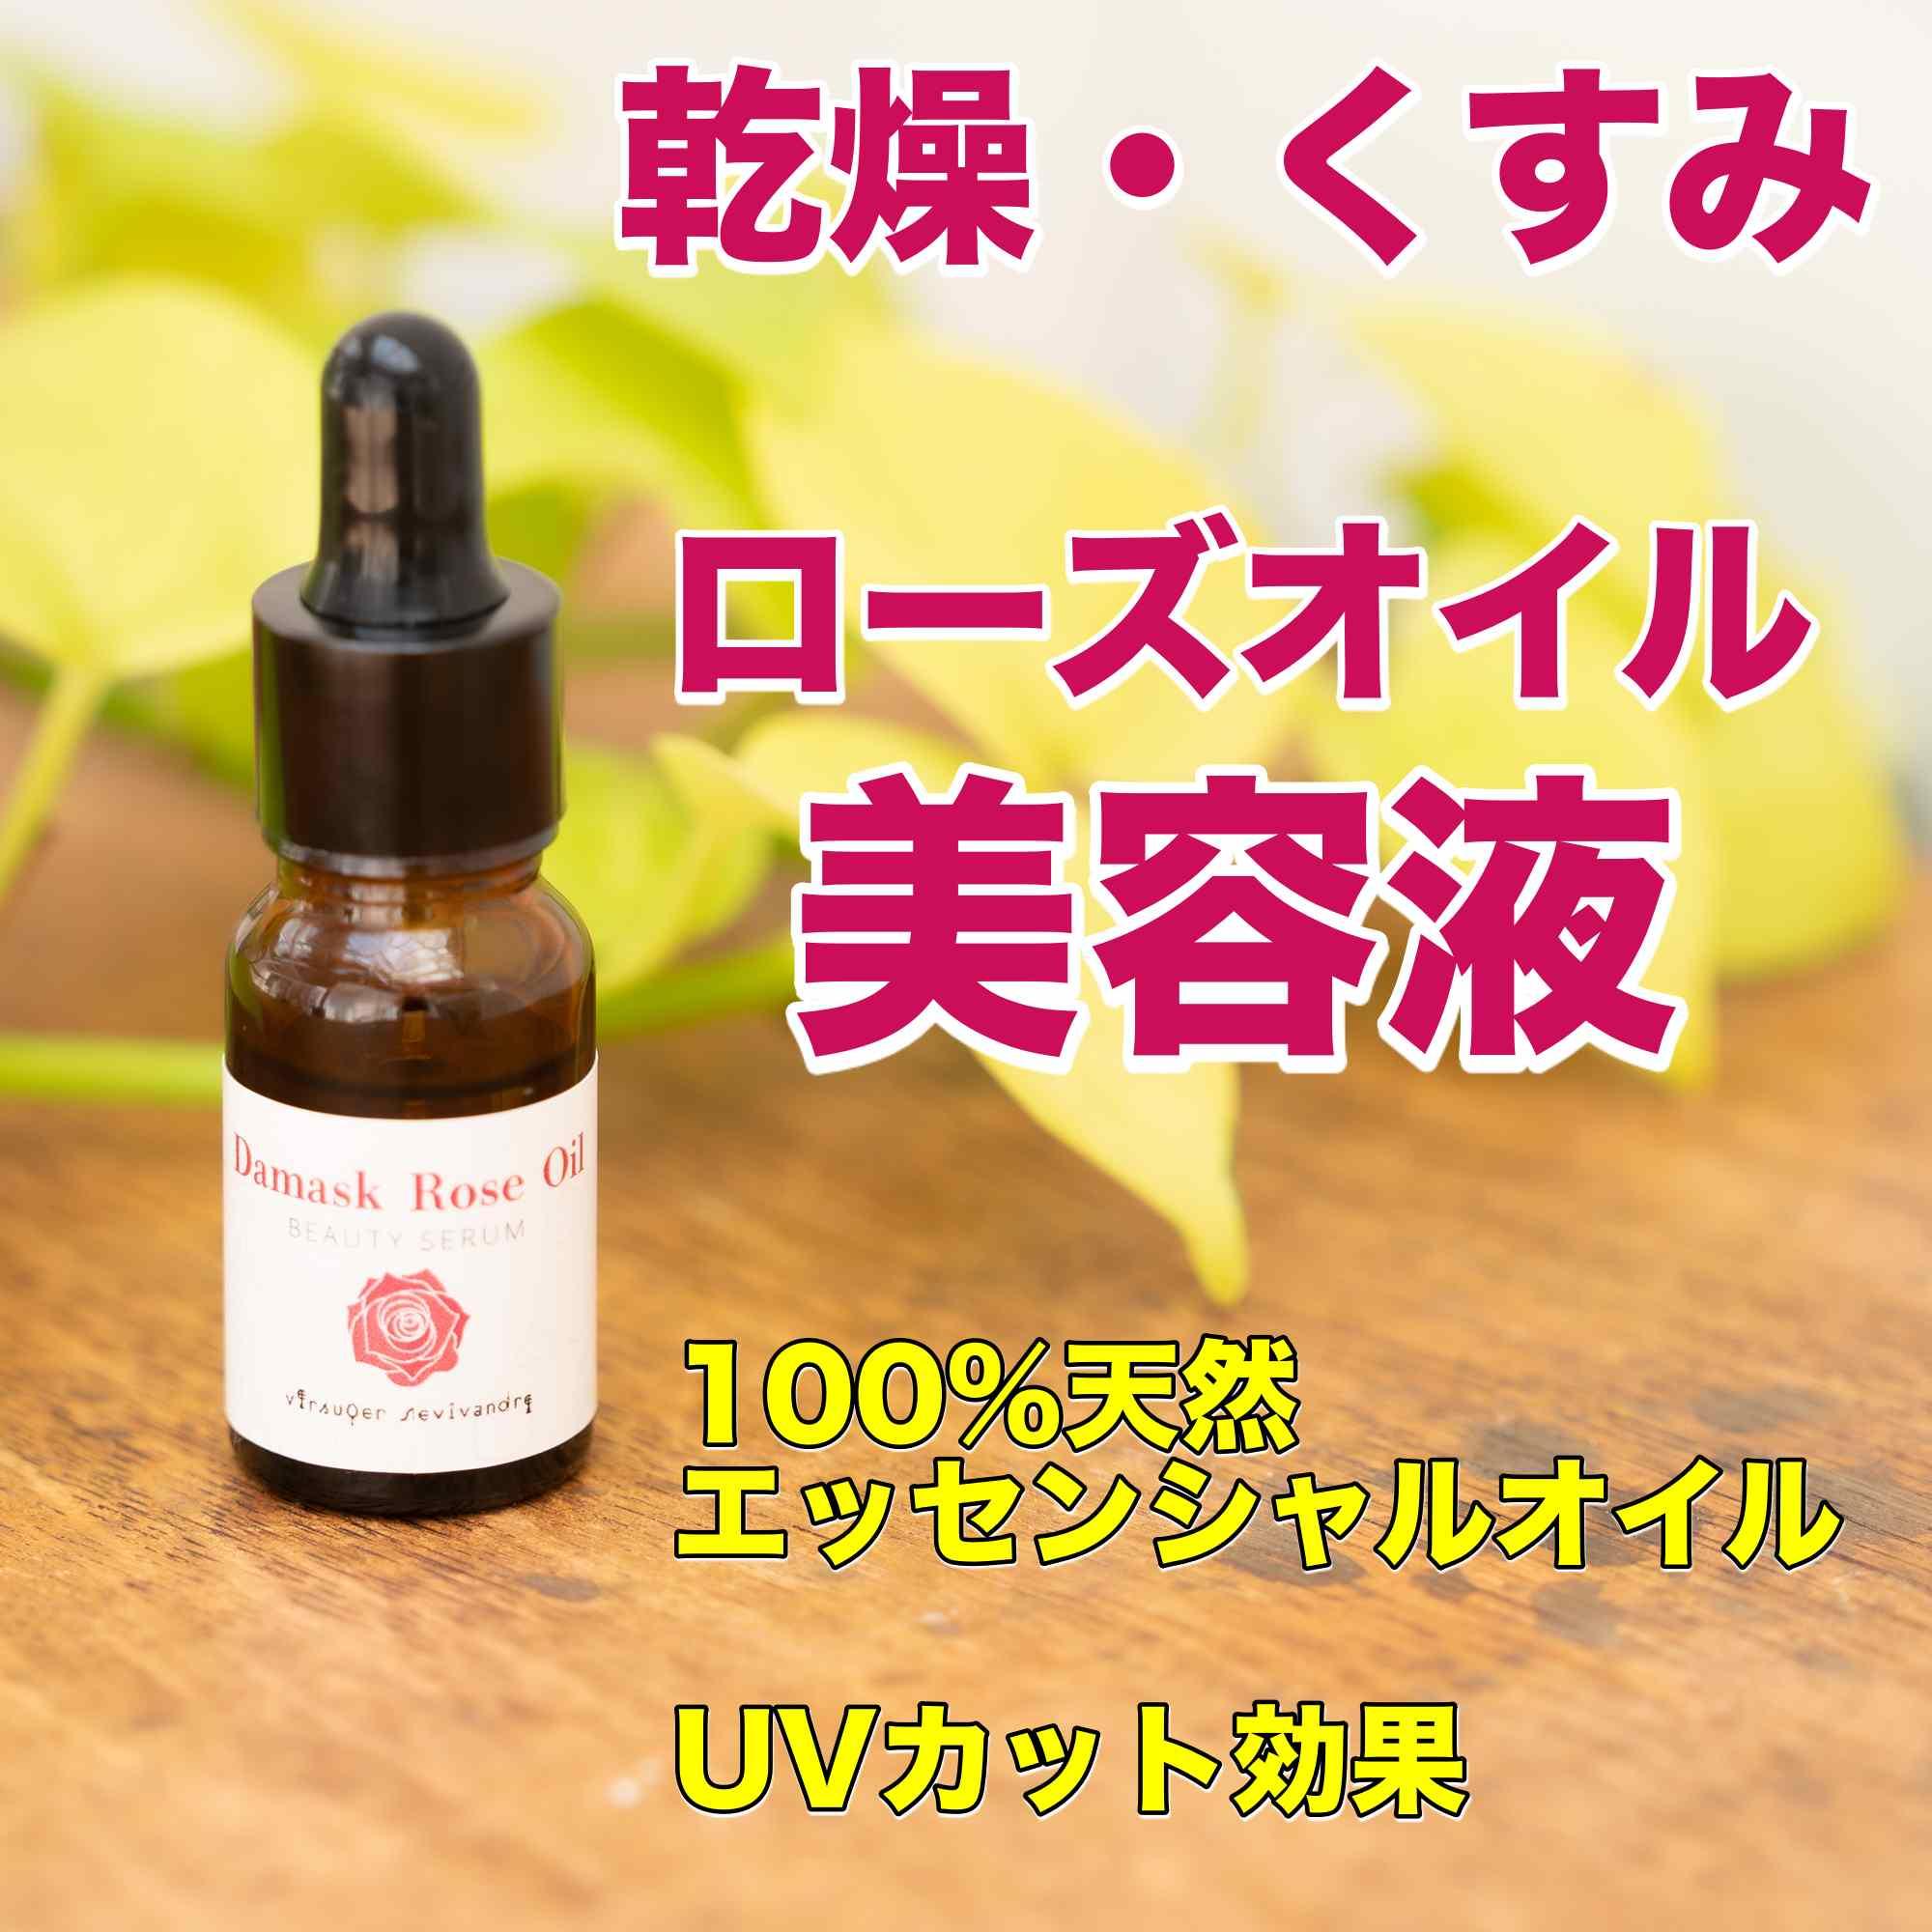 【ローズオイル美容液】あれた素肌を整え、潤いを与えるローズオットー10%配合美容液20ml